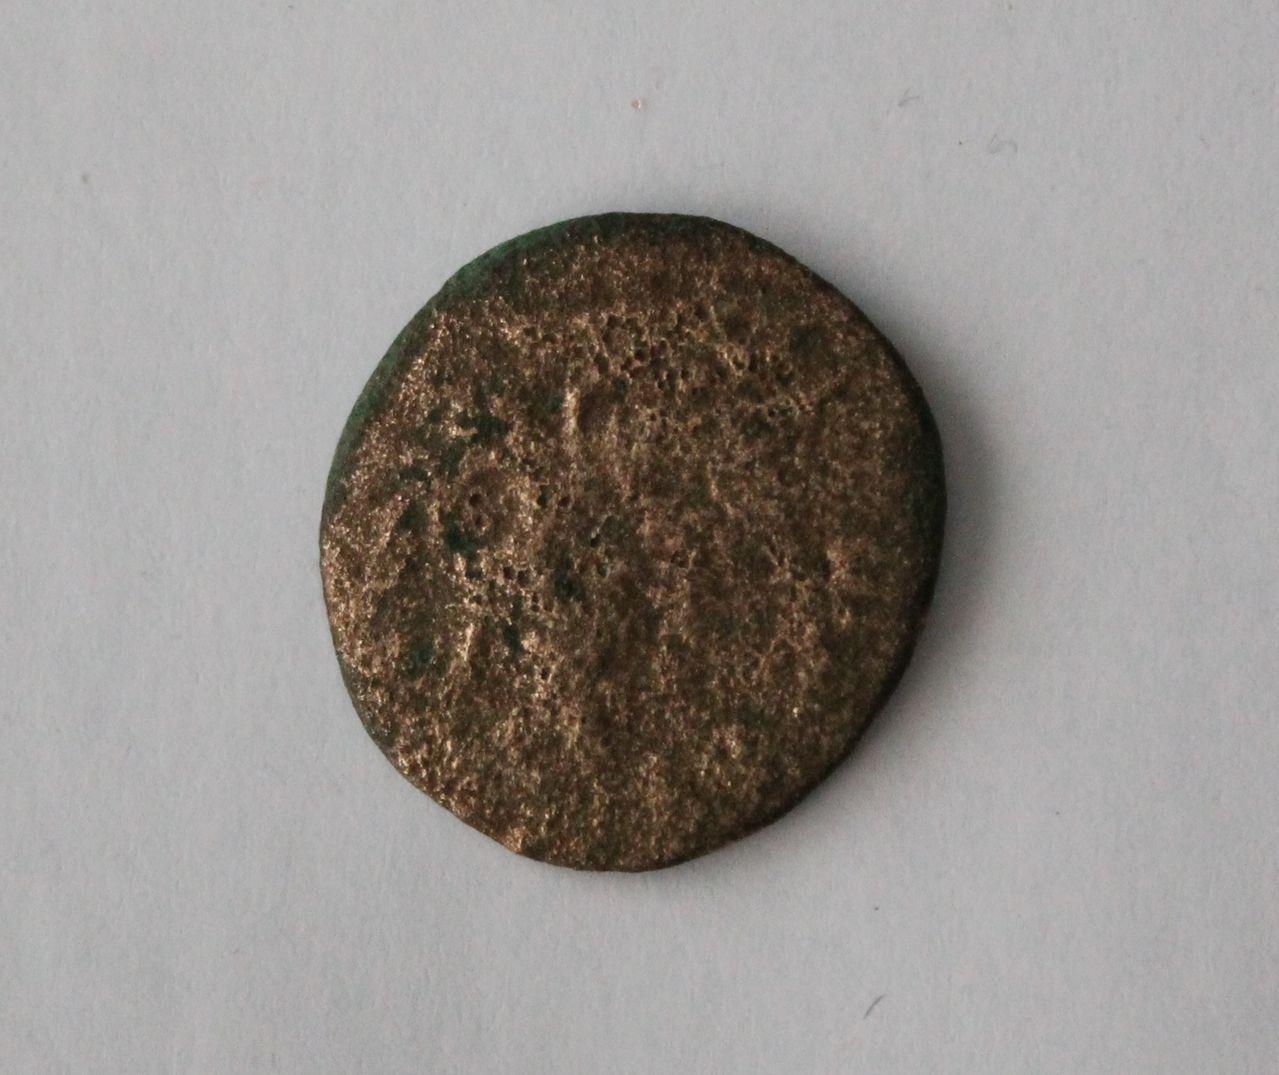 AE25 de la Rebelión de Bar Kojba. Judea. 132-135 d.C. Image